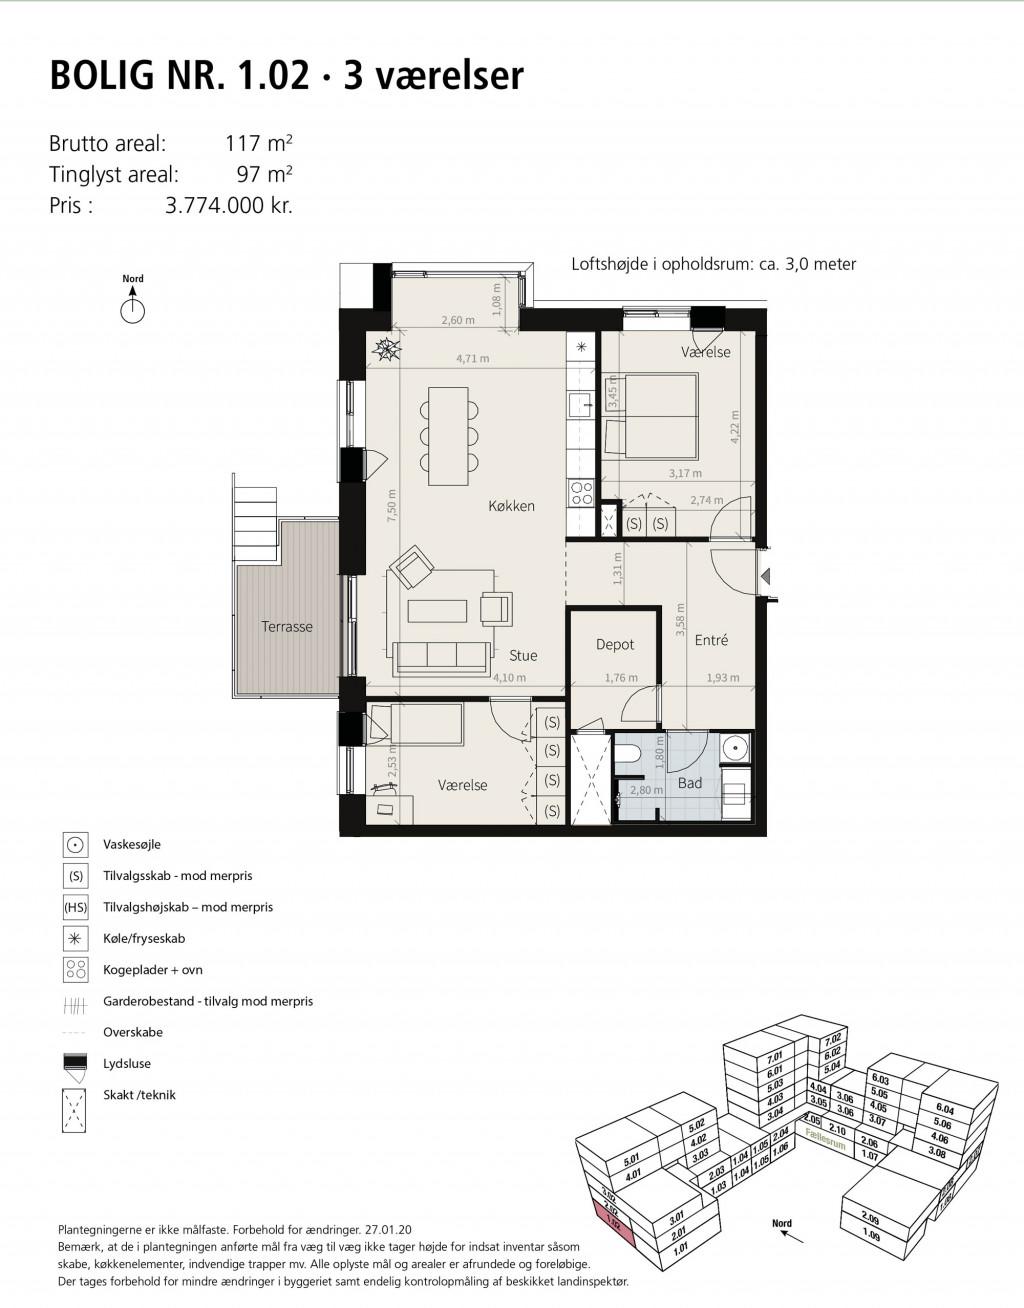 Ny lejlighed i det farverige bofællesskab Fællesbyg - 1-02_14e04e04efe0a97f1e989ca8a90452b3